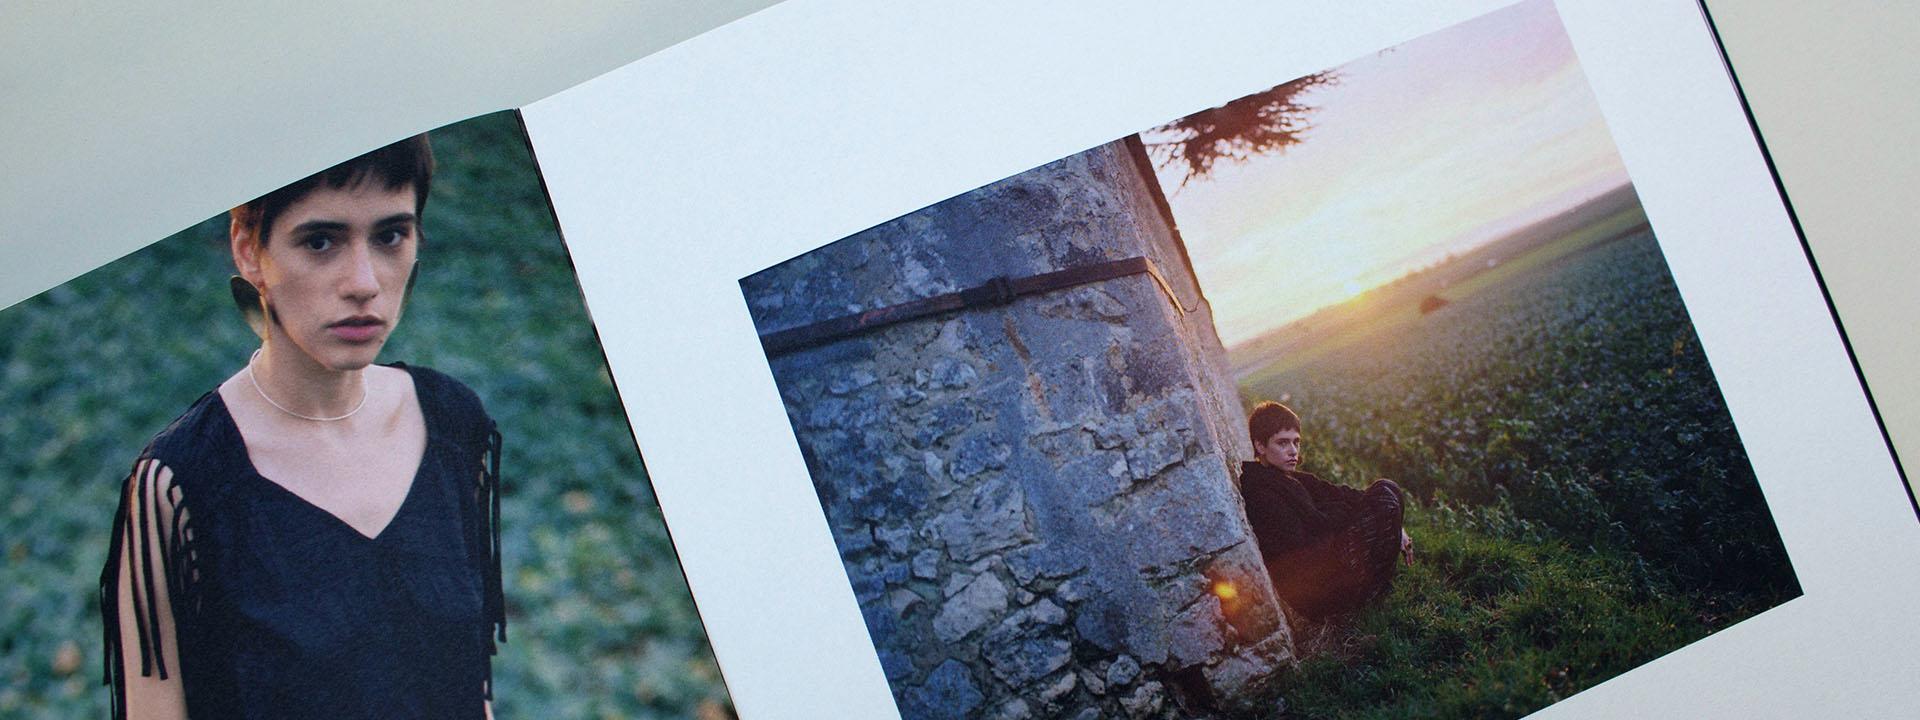 MOH_Website_FeaturedPrinter_GraphicArtsStudio_AnaakLookbook_2.jpg